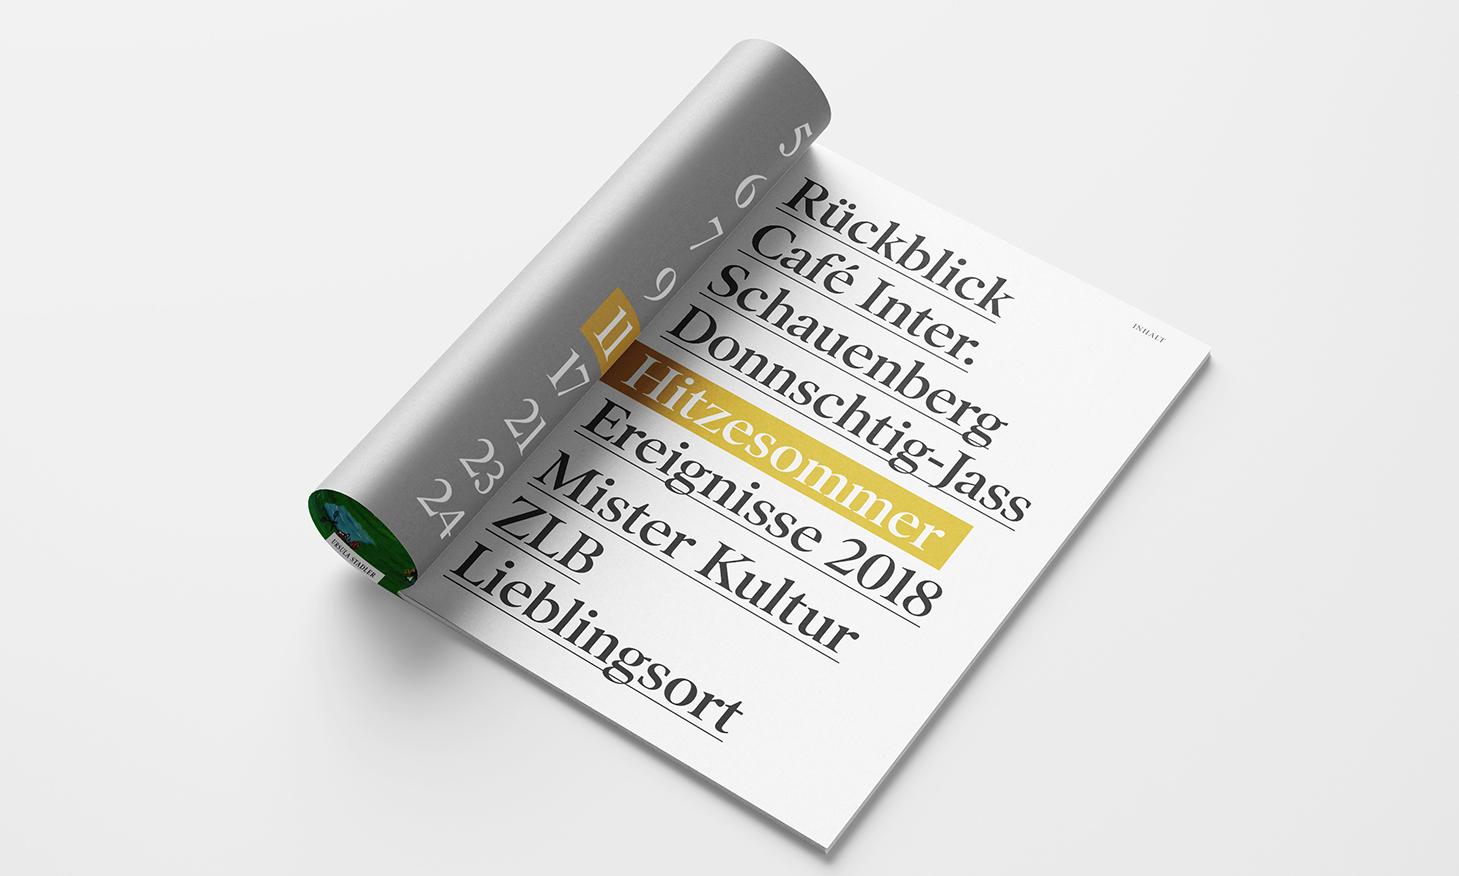 gigermiesch-zelgg-editorialdesign-branding-typografie